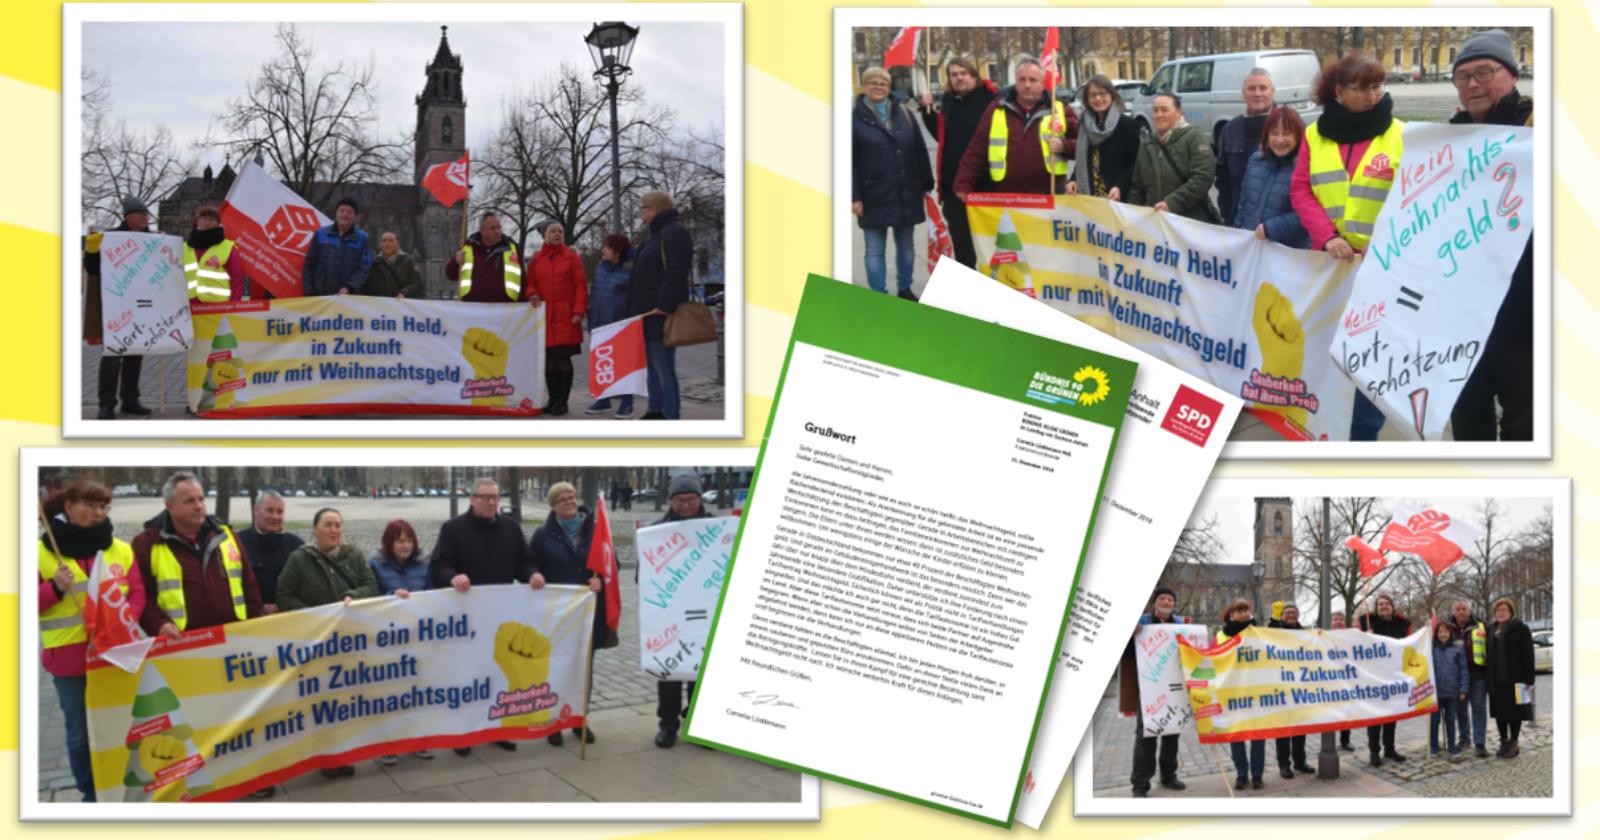 Warnaktion der Glas- und Gebäudereiniger vor dem Landtag Sachsen-Anhalt - öffentliche Auftraggeber haben große Verantwortung